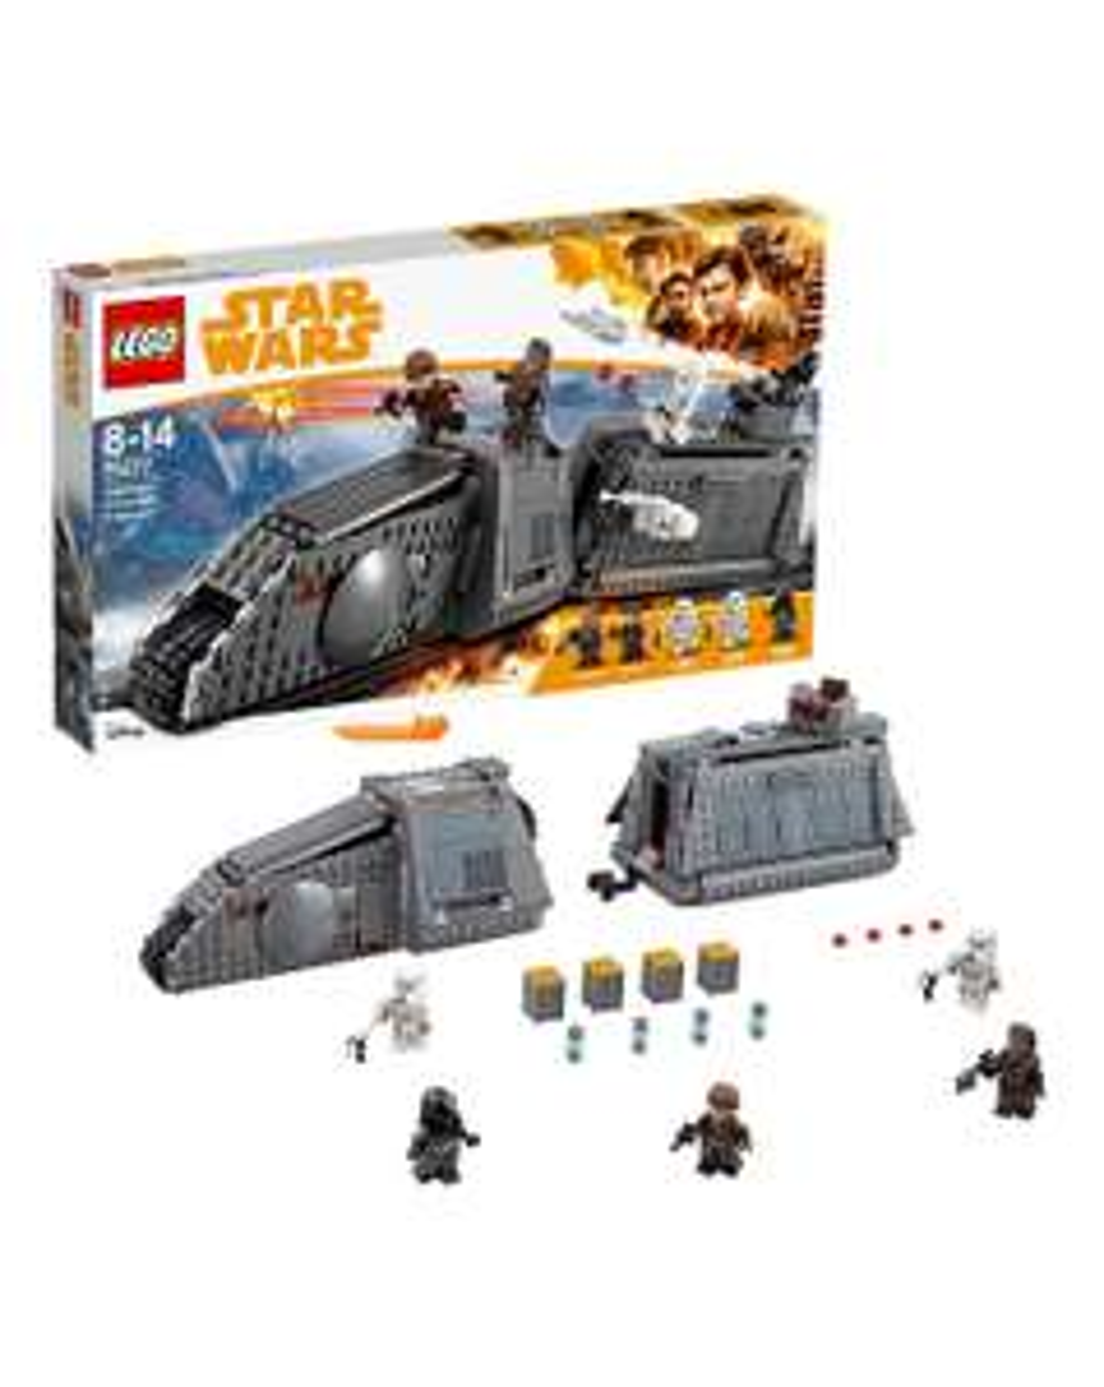 LEGO Star Wars Han Solo Imperial Conveyex Transport - 75217 £79.99 +£3.99 @ JD Williams